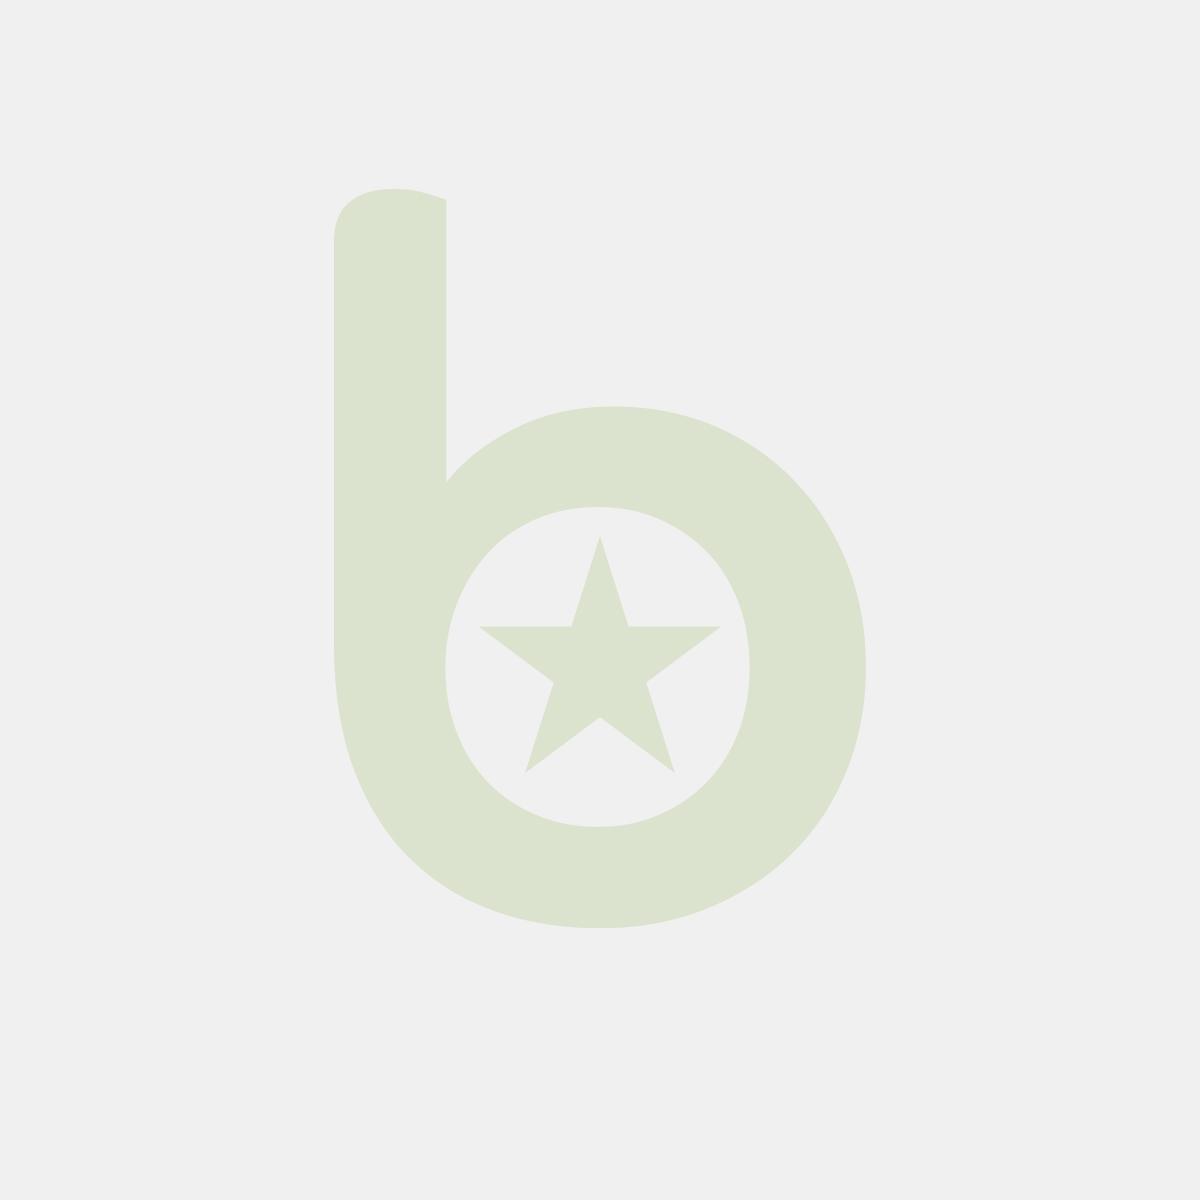 Zakaz wkładania rąk do środka B2 - 105 x 105mm GP015B2FN